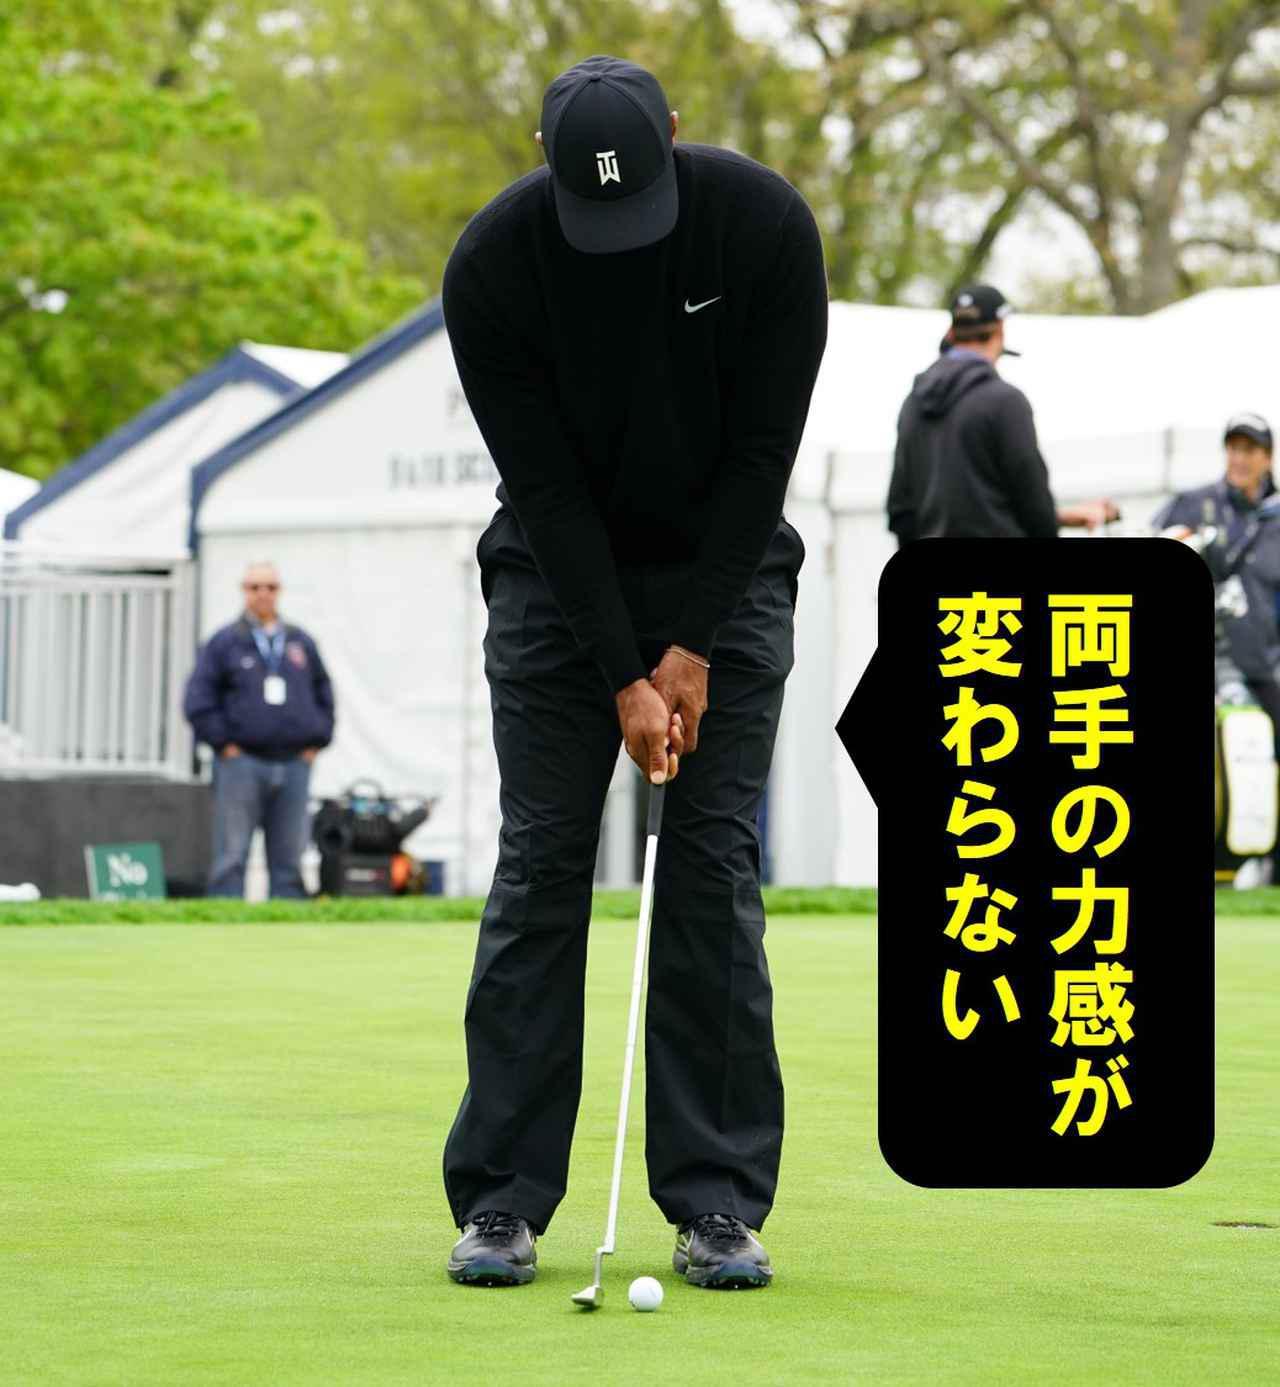 画像6: 【パット研究】タイガーの構えと打ち方、ギア選びに詰まった「パッティングの極意」、中井学プロが解説!